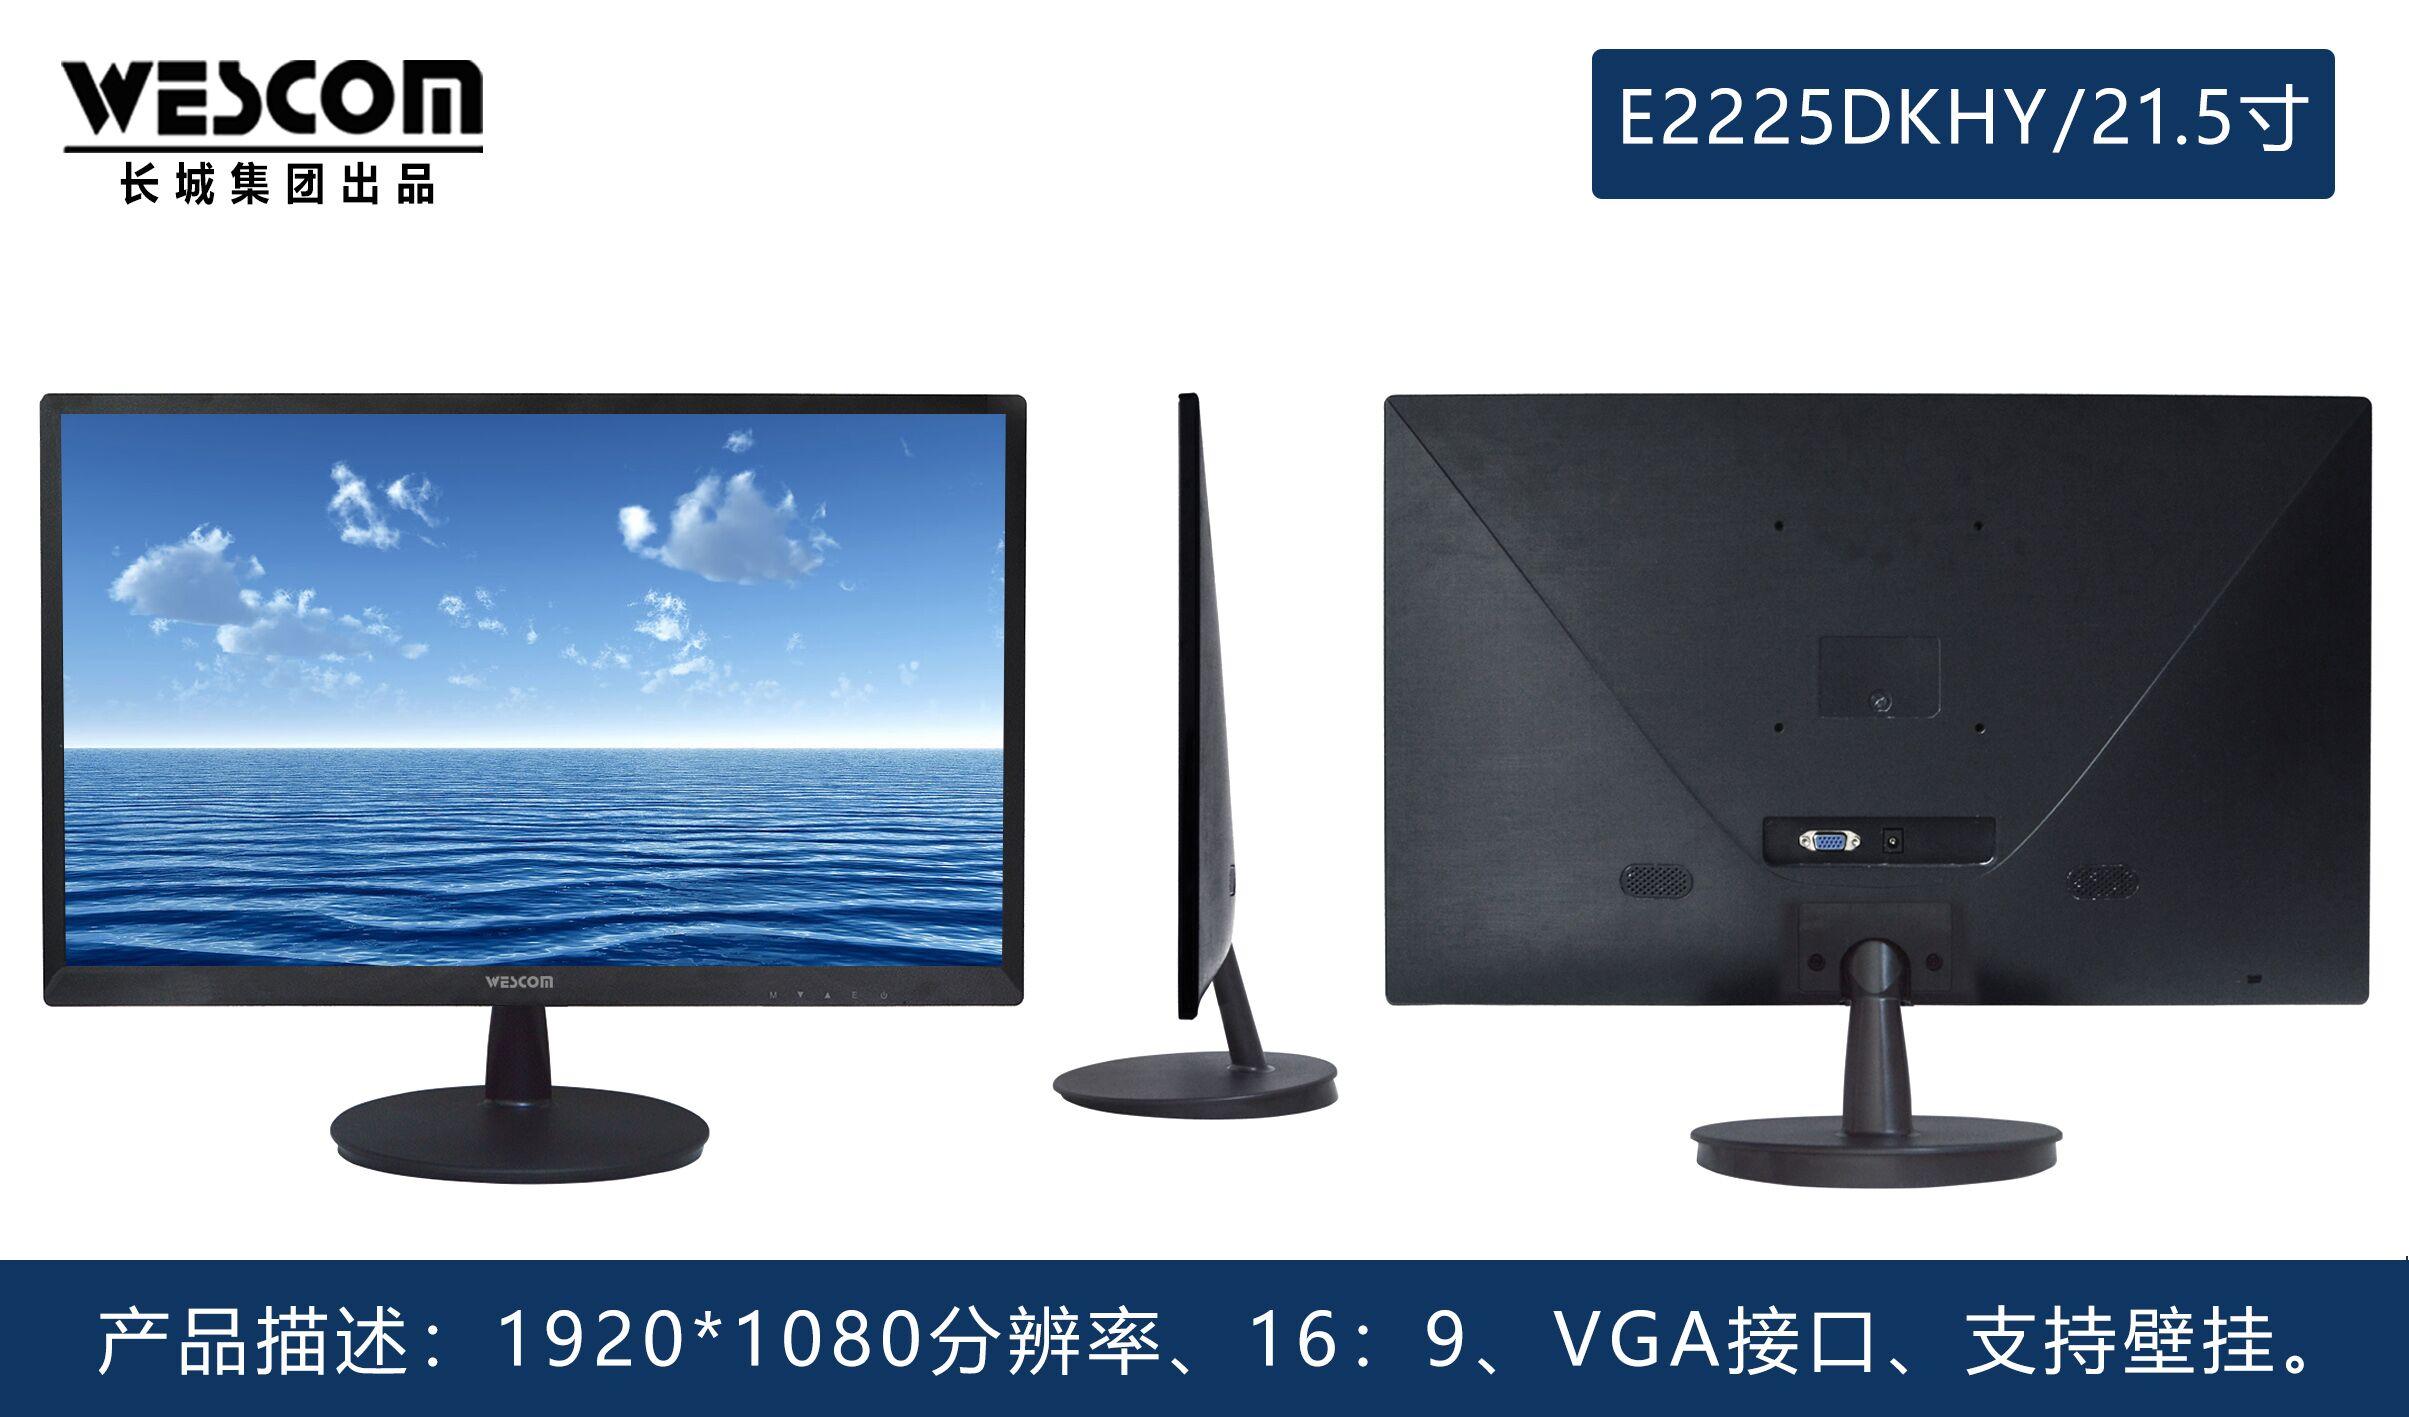 重庆二手液晶显示器_倪德配套服务平台-WESCOM E2225DKHY 21.5寸液晶显示器 VGA接口